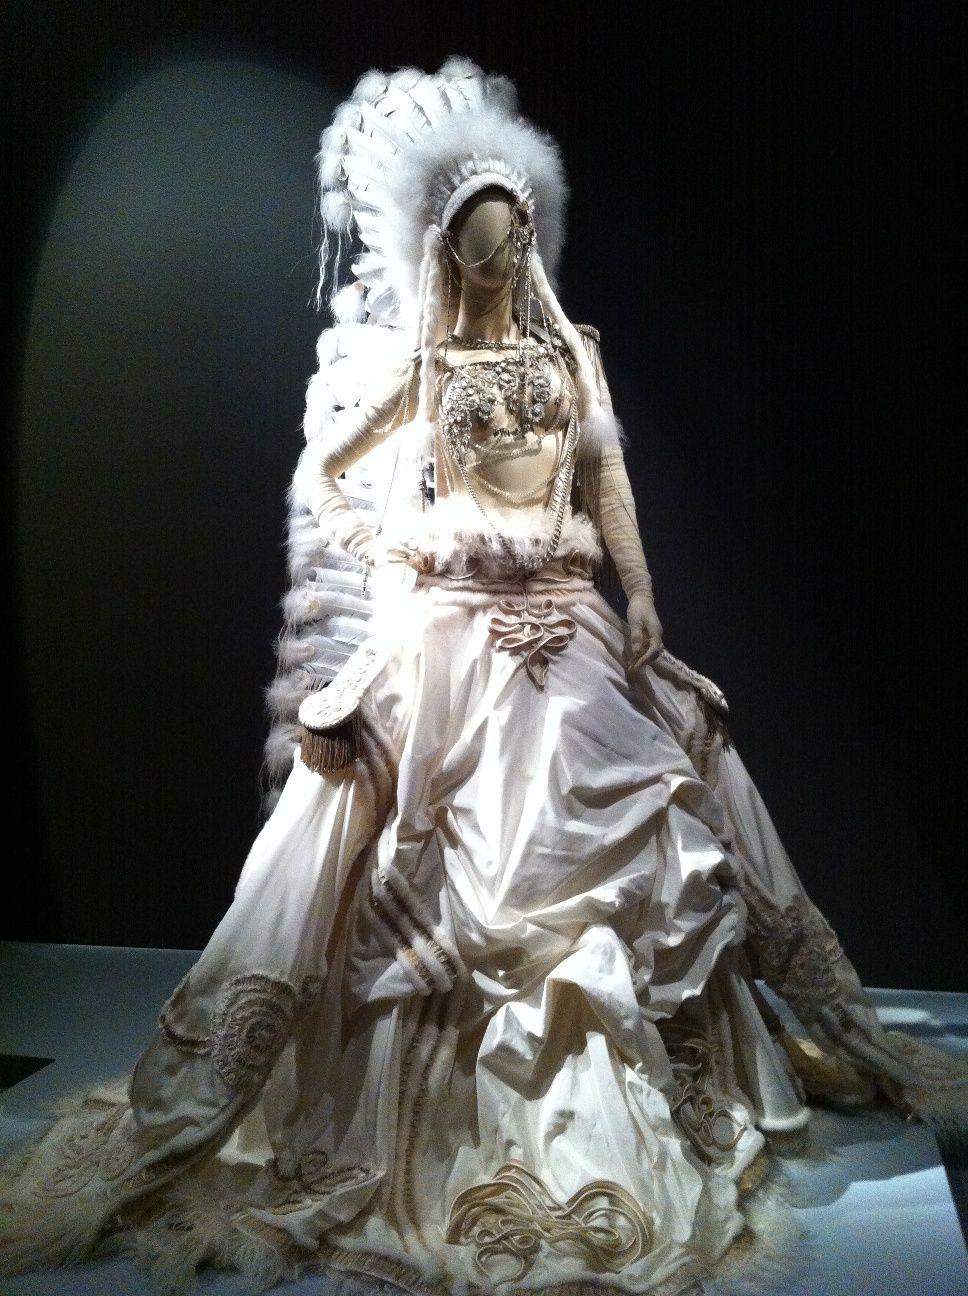 John Paul Gaultier - de Young museum exhibit